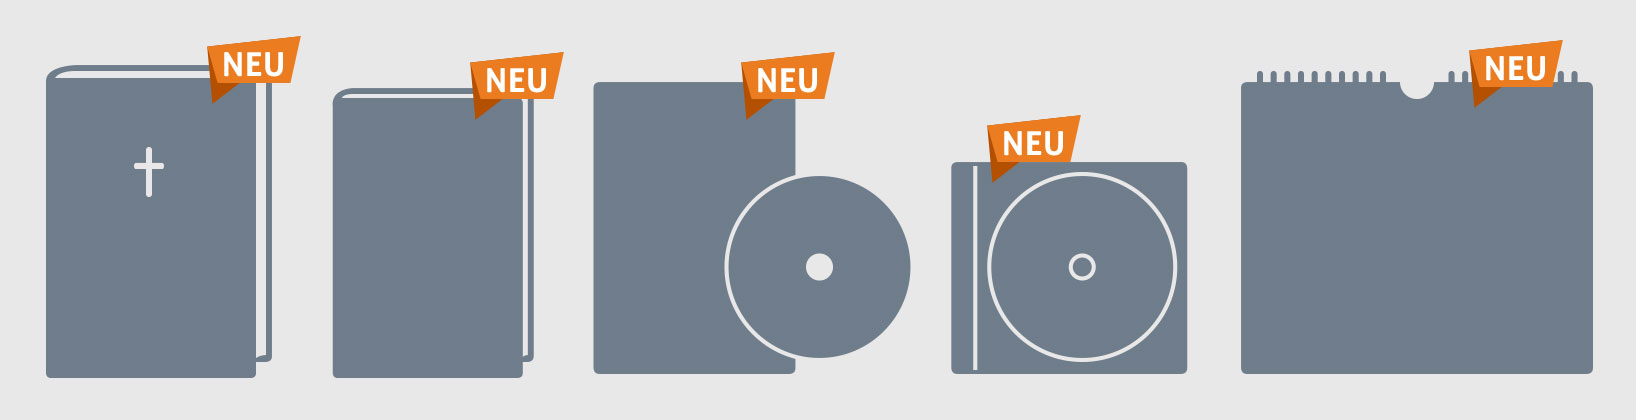 Banner-Kategorie-Neu-01